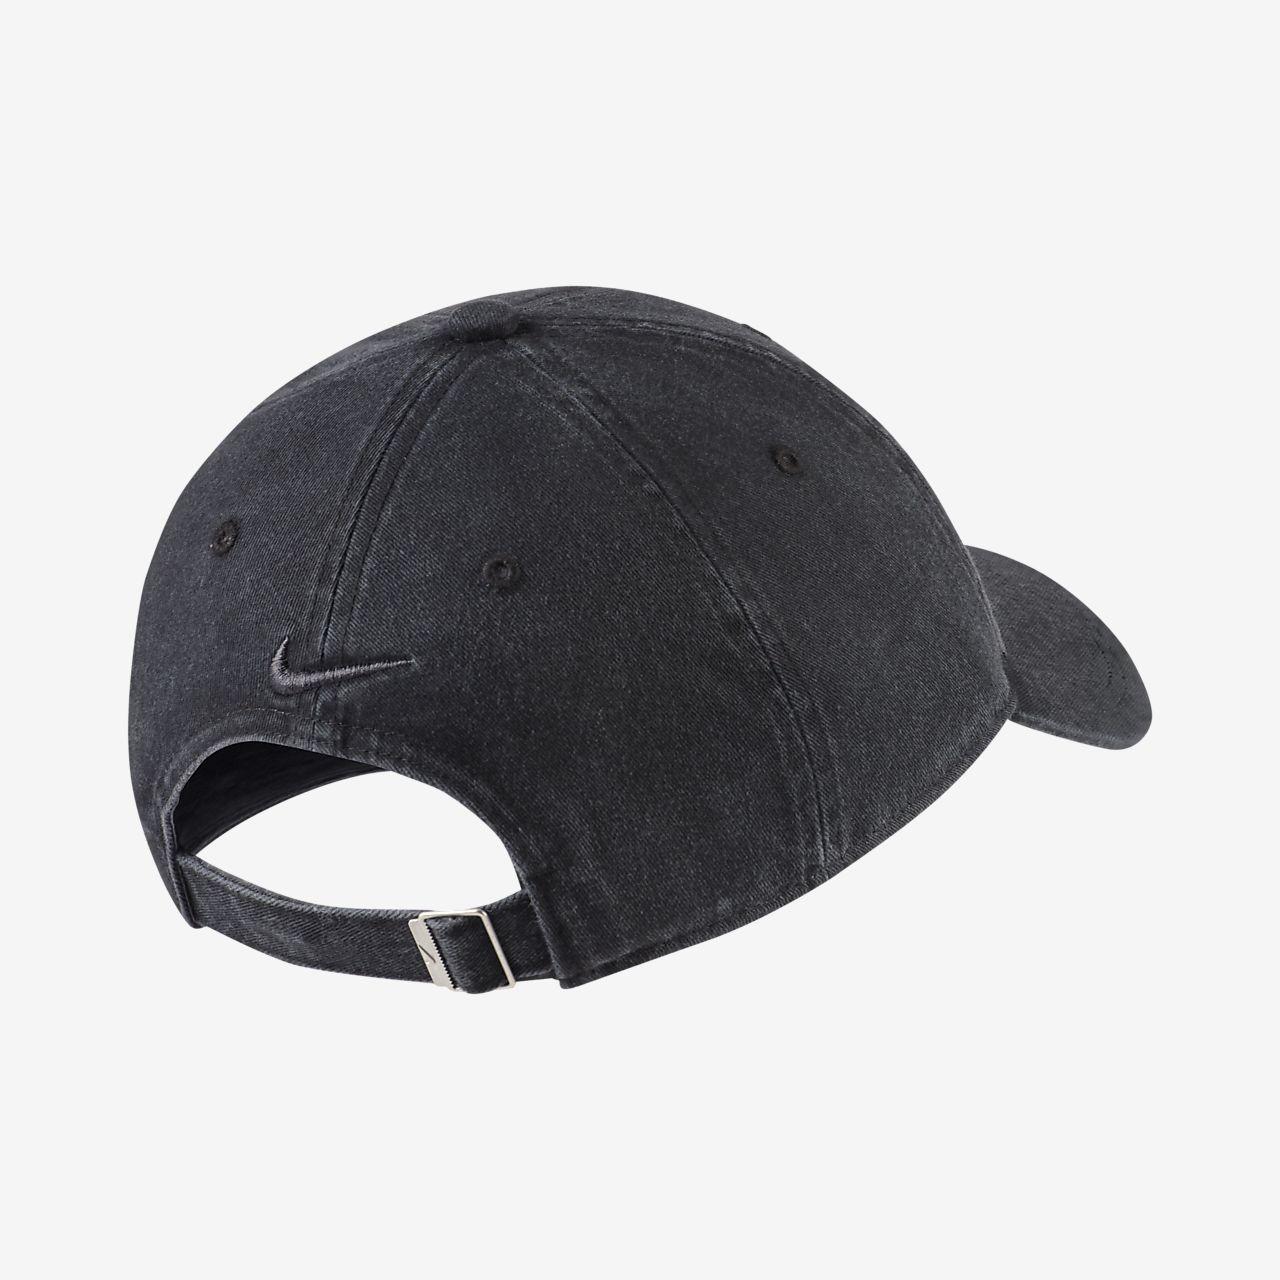 43afab5069599 Nike Sportswear Heritage 86 Adjustable Hat. Nike.com AU